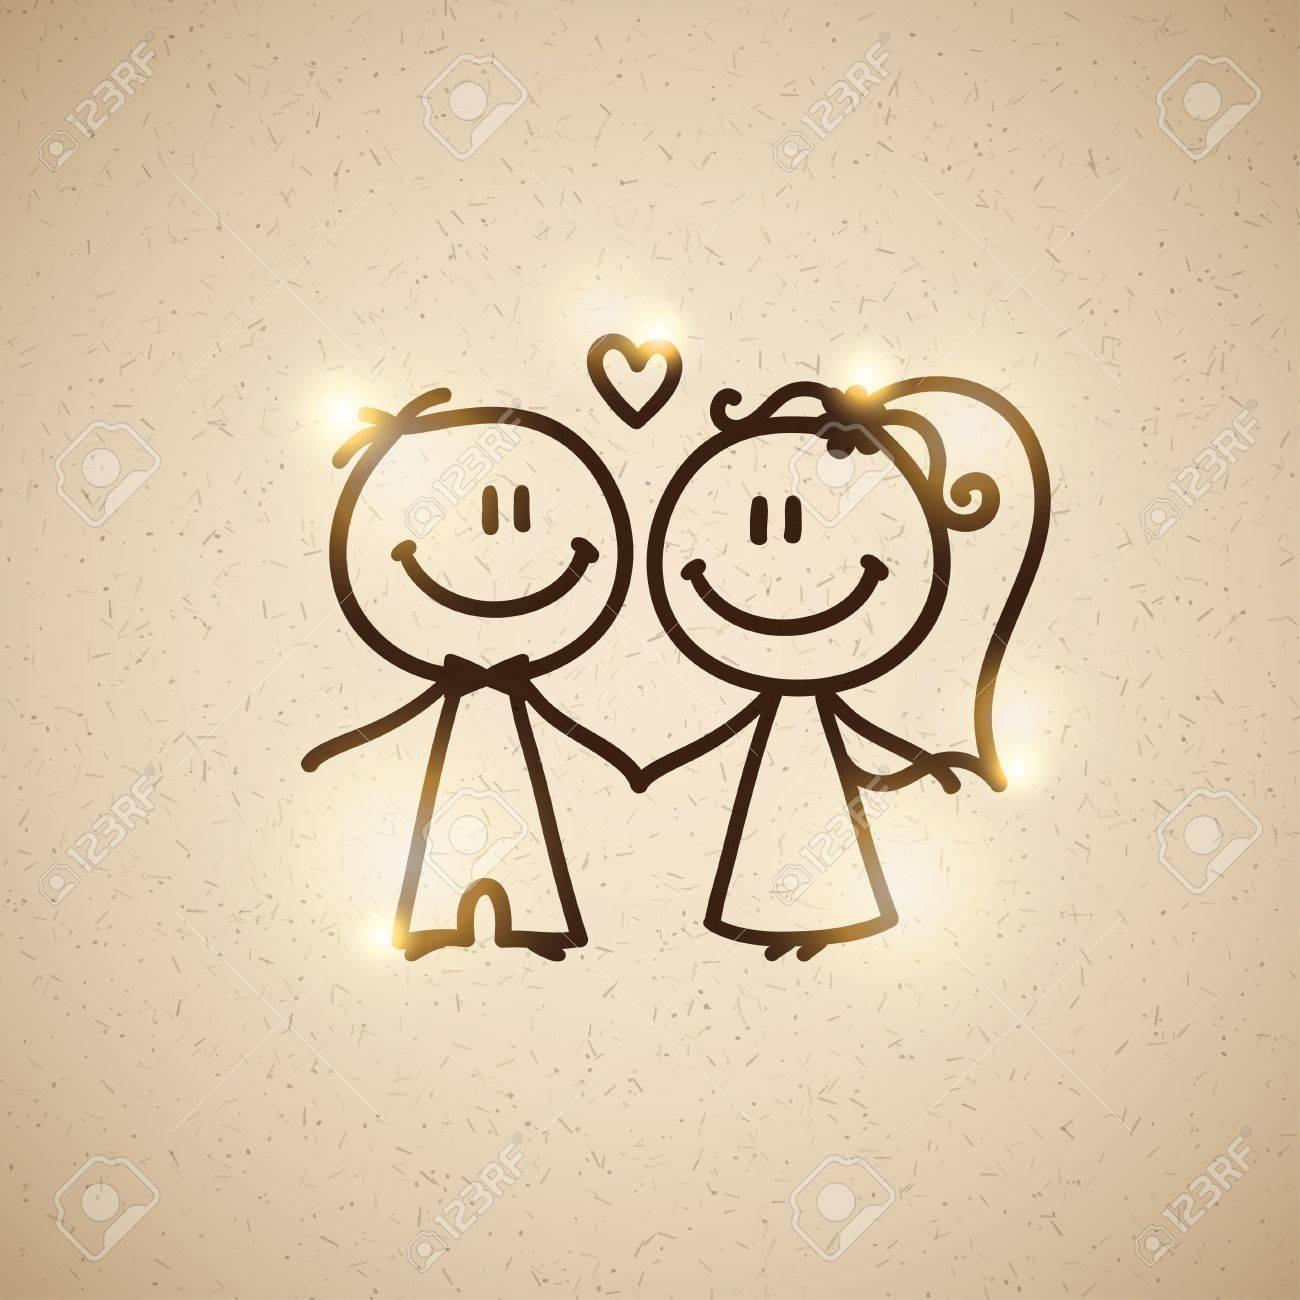 wedding couple, vector eps 10 Stock Photo - 18427380